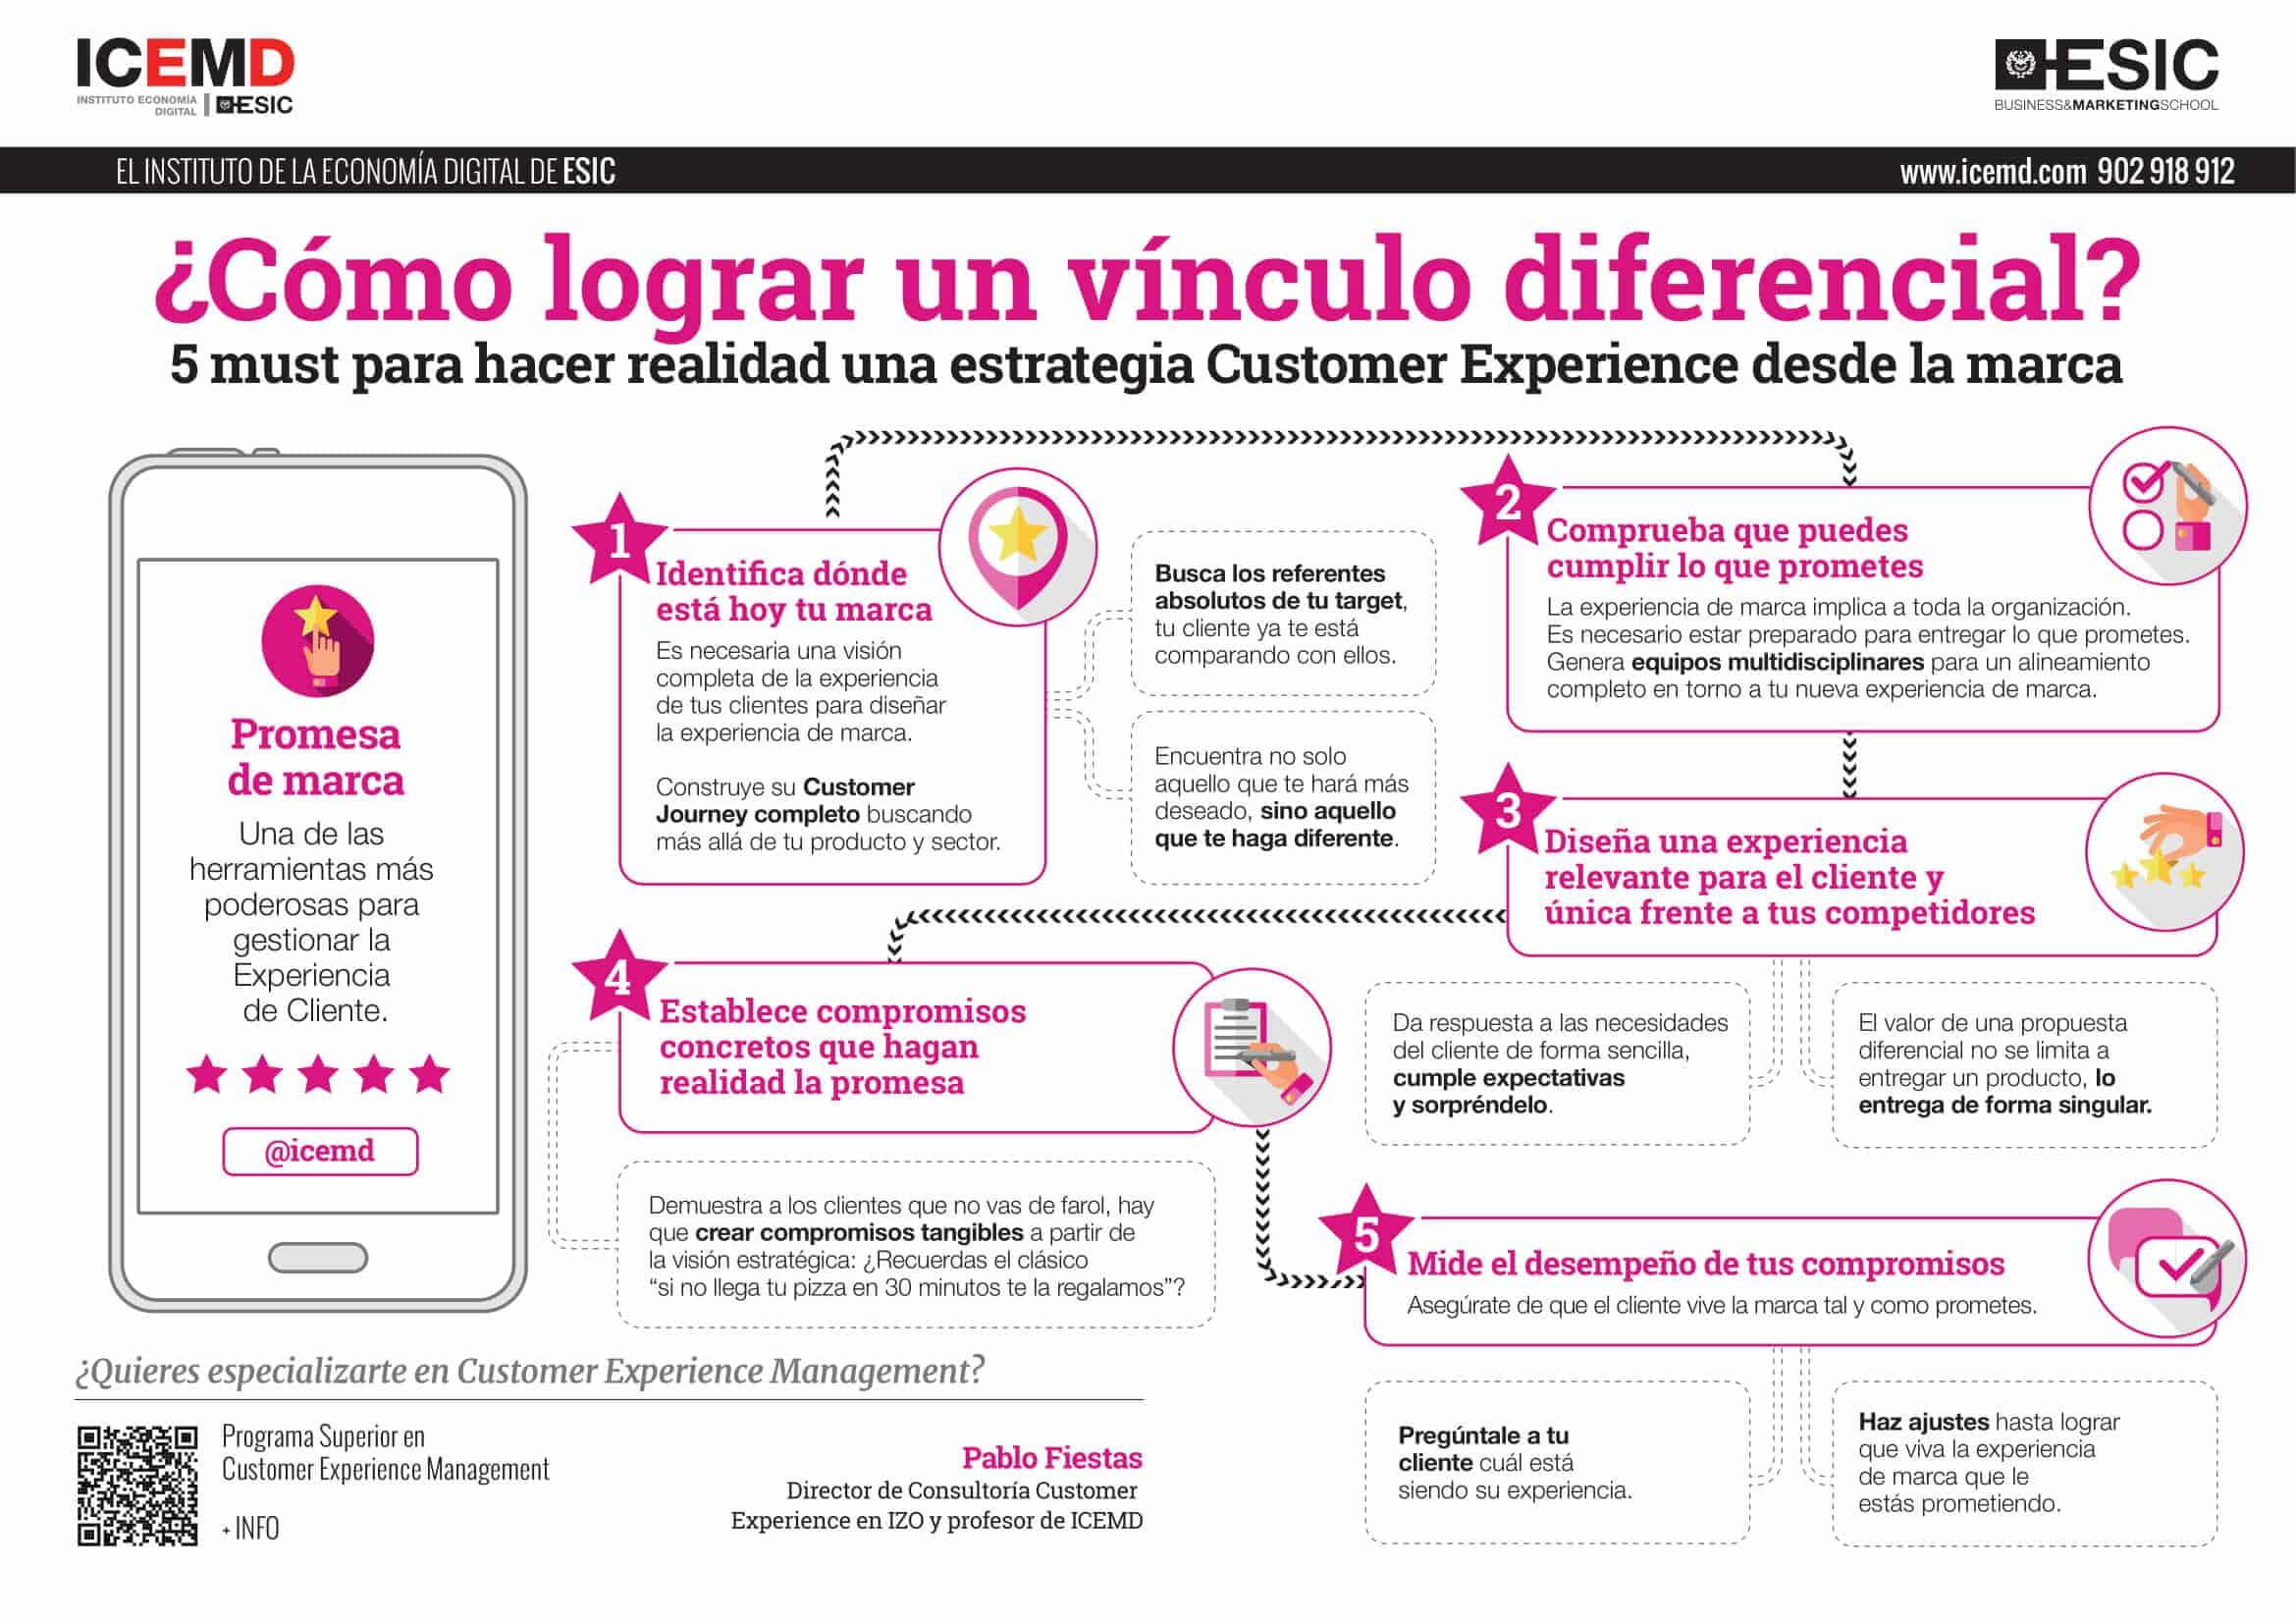 vinculo diferencial